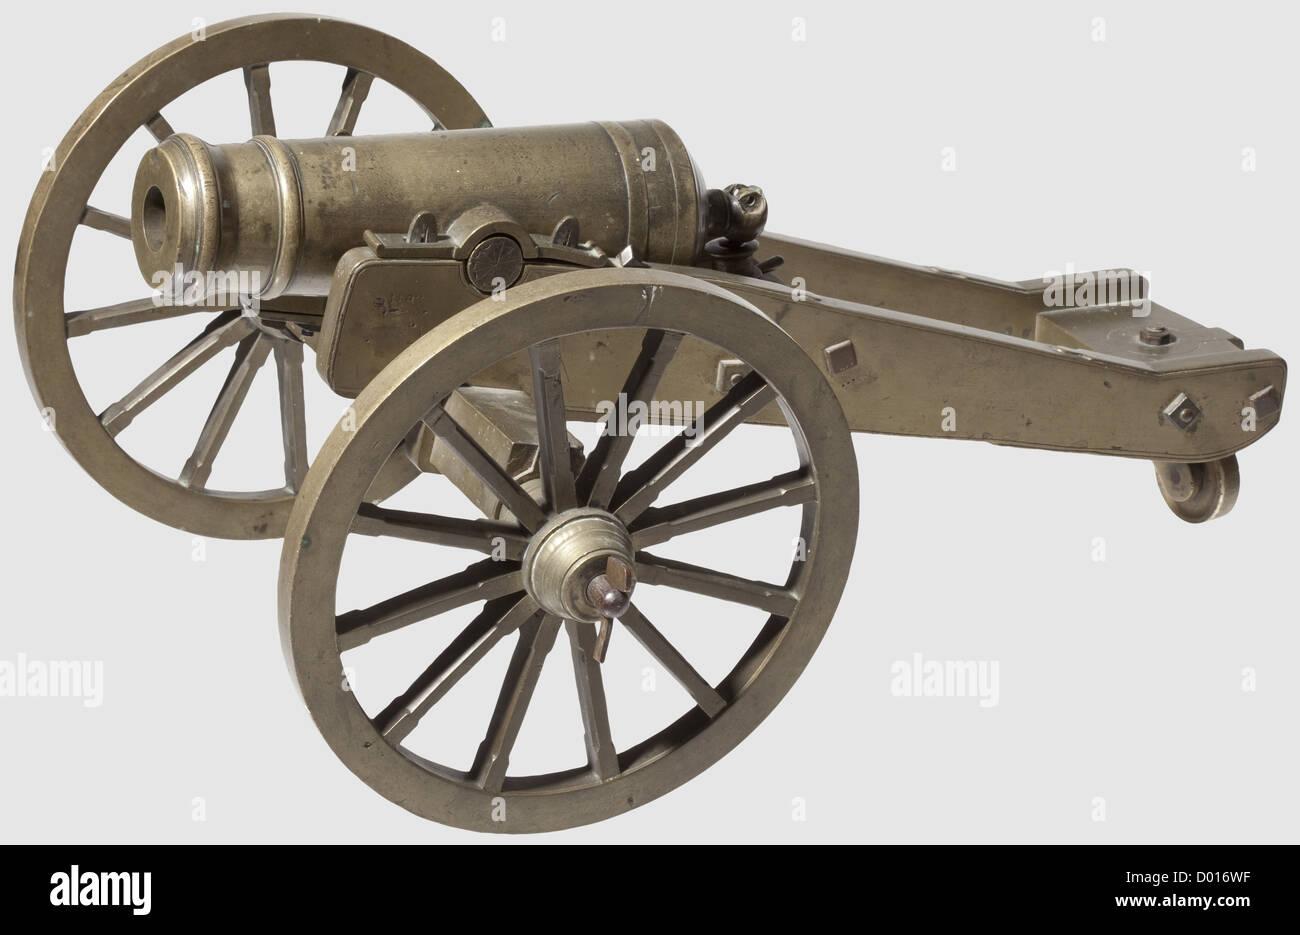 Un modèle de canon de terrain, style vers 1800. Corps en laiton robuste segmenté par des gaines, avec alésage lisse de calibre 25 mm avec tourillons sur les côtés, trou de contact supérieur et museau de canon. Roues et tablier en laiton moulé avec essieu de roue en fonte. Il manque une goupille fendue de roue et quatre goupilles fendues de tourillon. Longueur du canon 27 cm,longueur totale 53 cm,historique,historique,19e siècle,canon,canons,artillerie,arme à feu,arme,armes à feu,armes,armes,armes,armes,arme,bras,dispositif de combat,militaire,militaro,objet,objets,alambics,coupure,coupures,cu,droits additionnels-Clearences-non disponible Banque D'Images